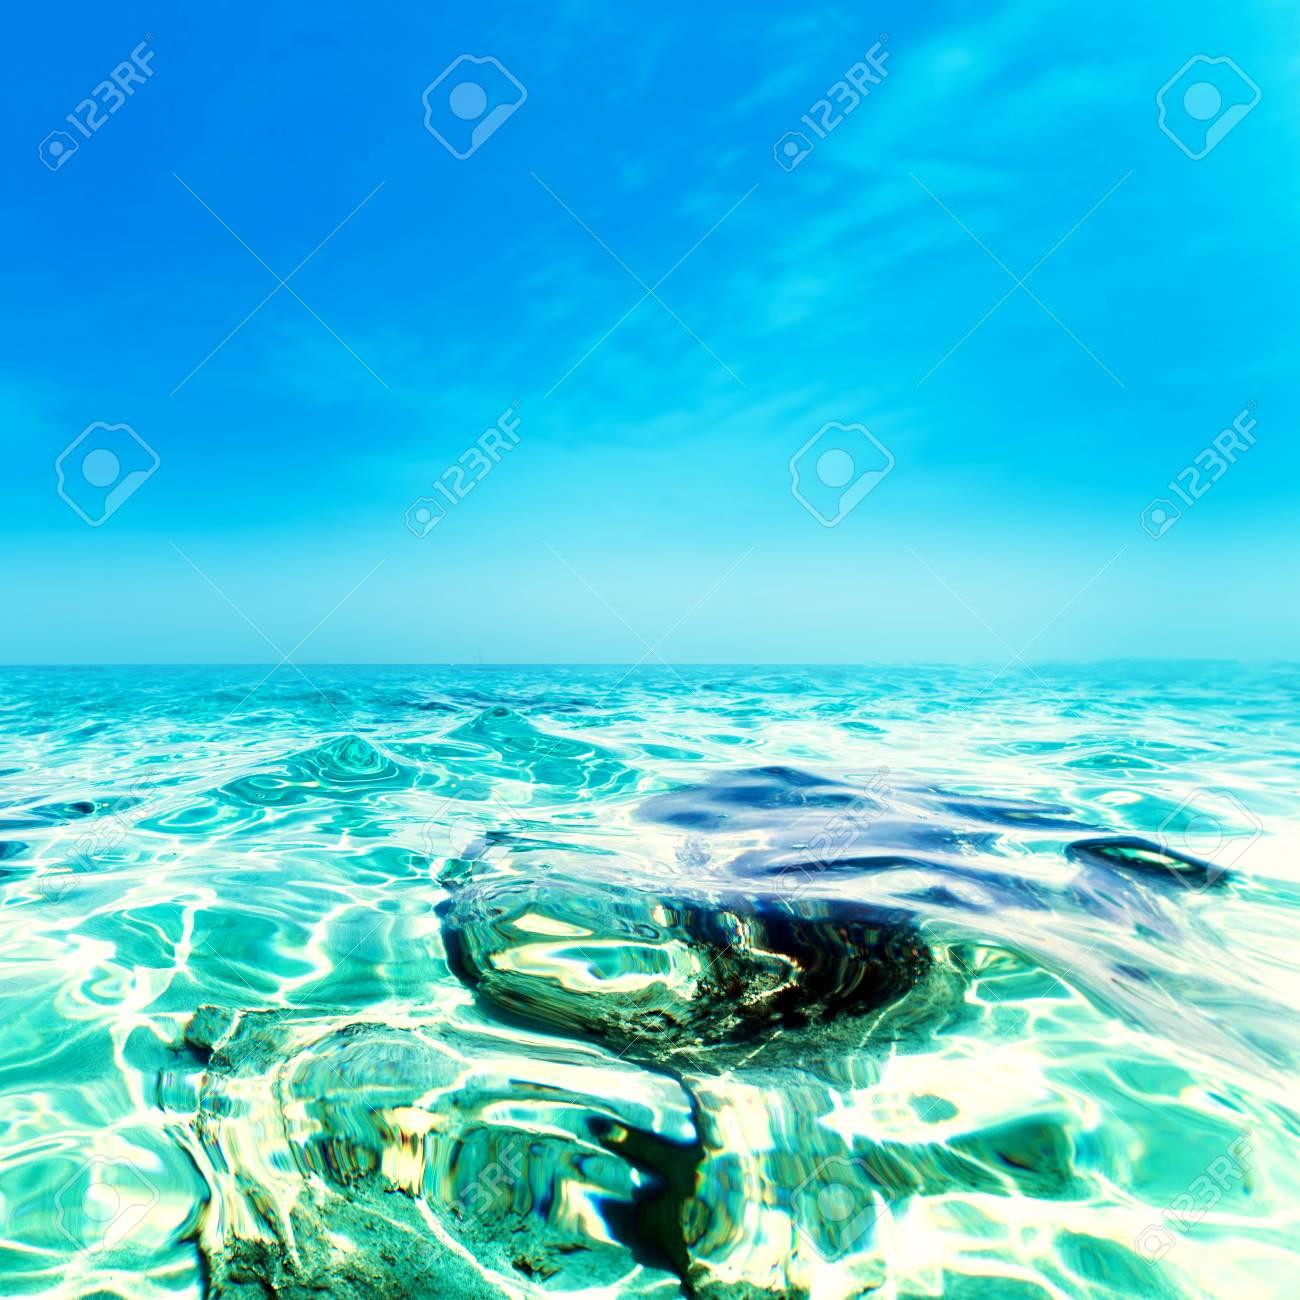 ターコイズ ブルーの海 晴れた日の海楽園の壁紙海の波クローズ アップ